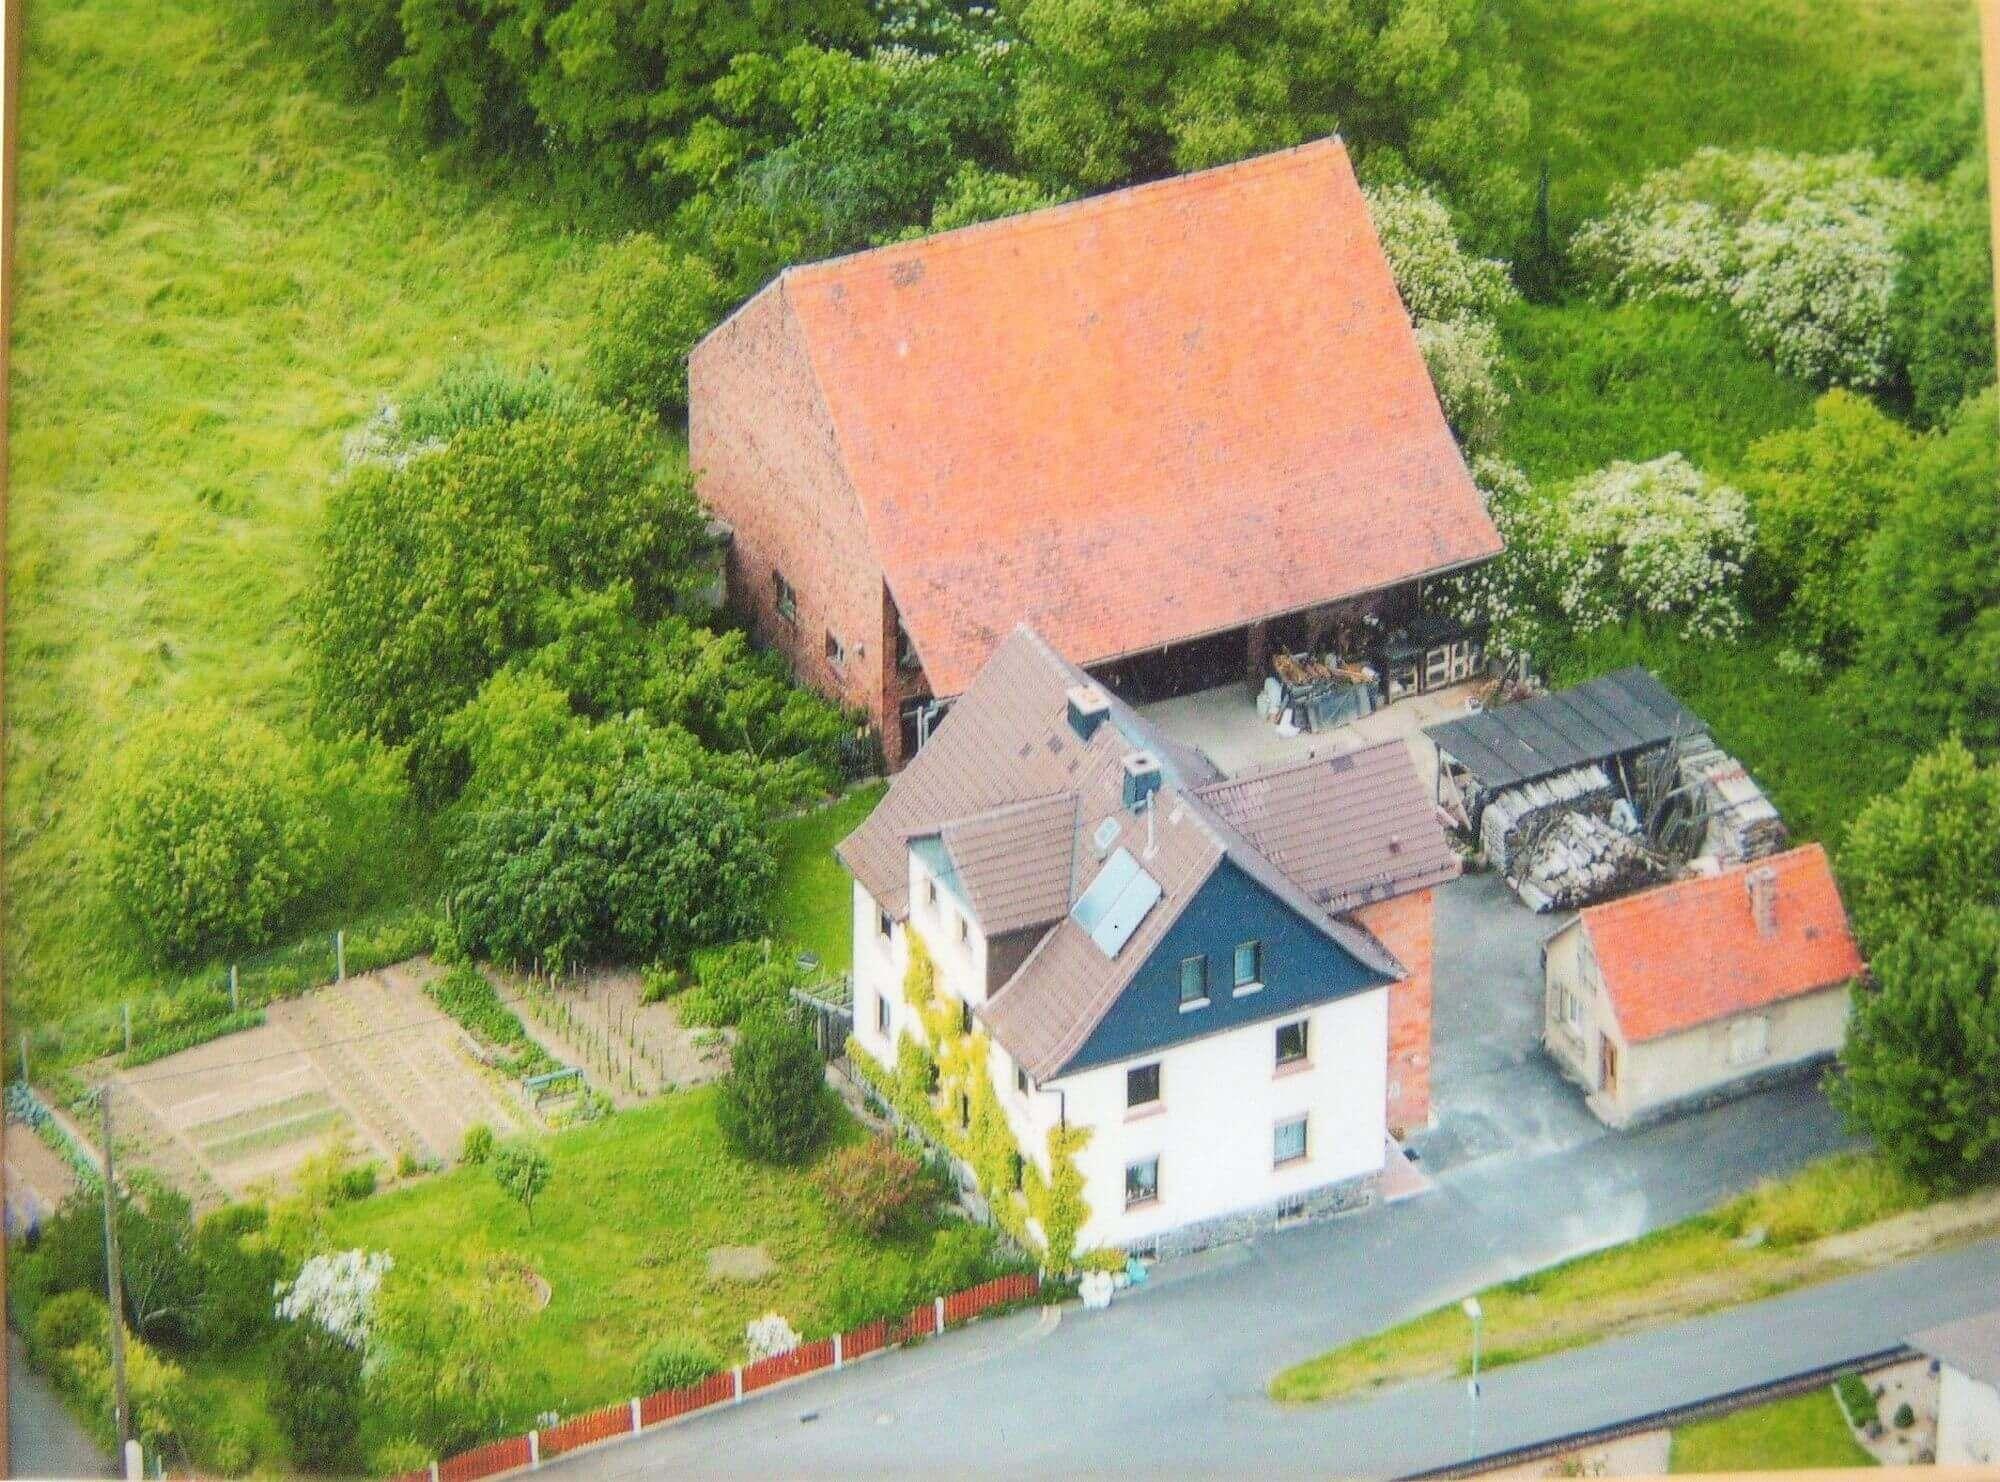 Traumhof - Eselhof-Wetterau 4